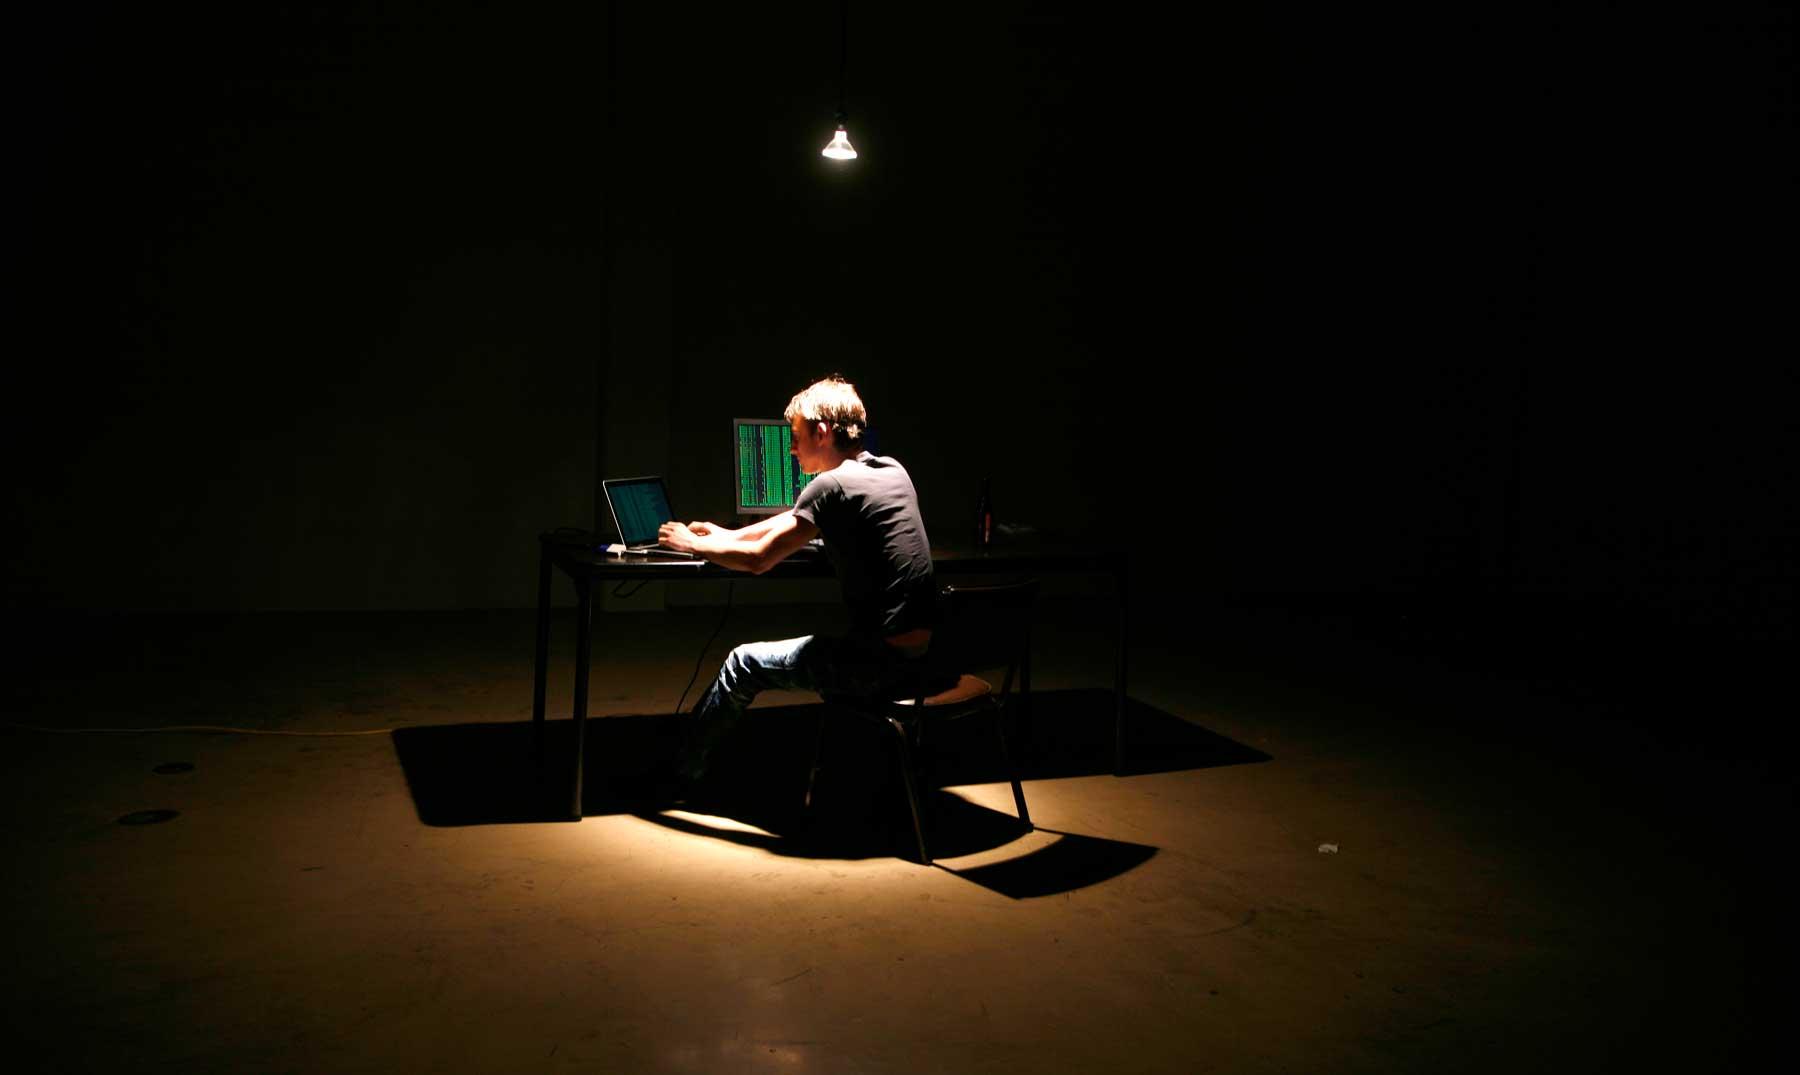 El primer asesinato online se producirá próximamente